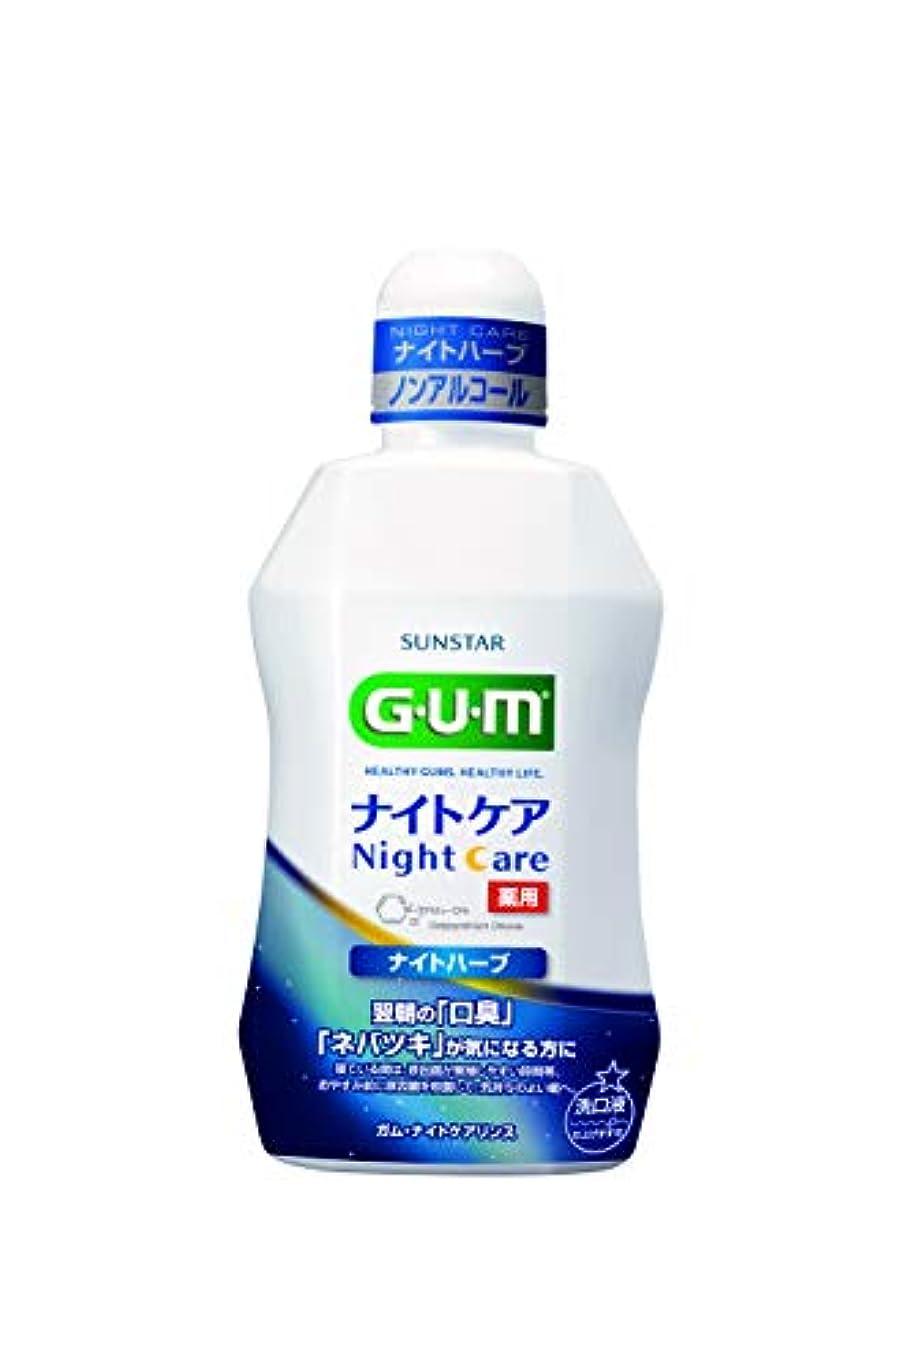 マスク電球視力(医薬部外品) GUM(ガム) マウスウォッシュ ナイトケア 薬用洗口液(ナイトハーブタイプ)450mL